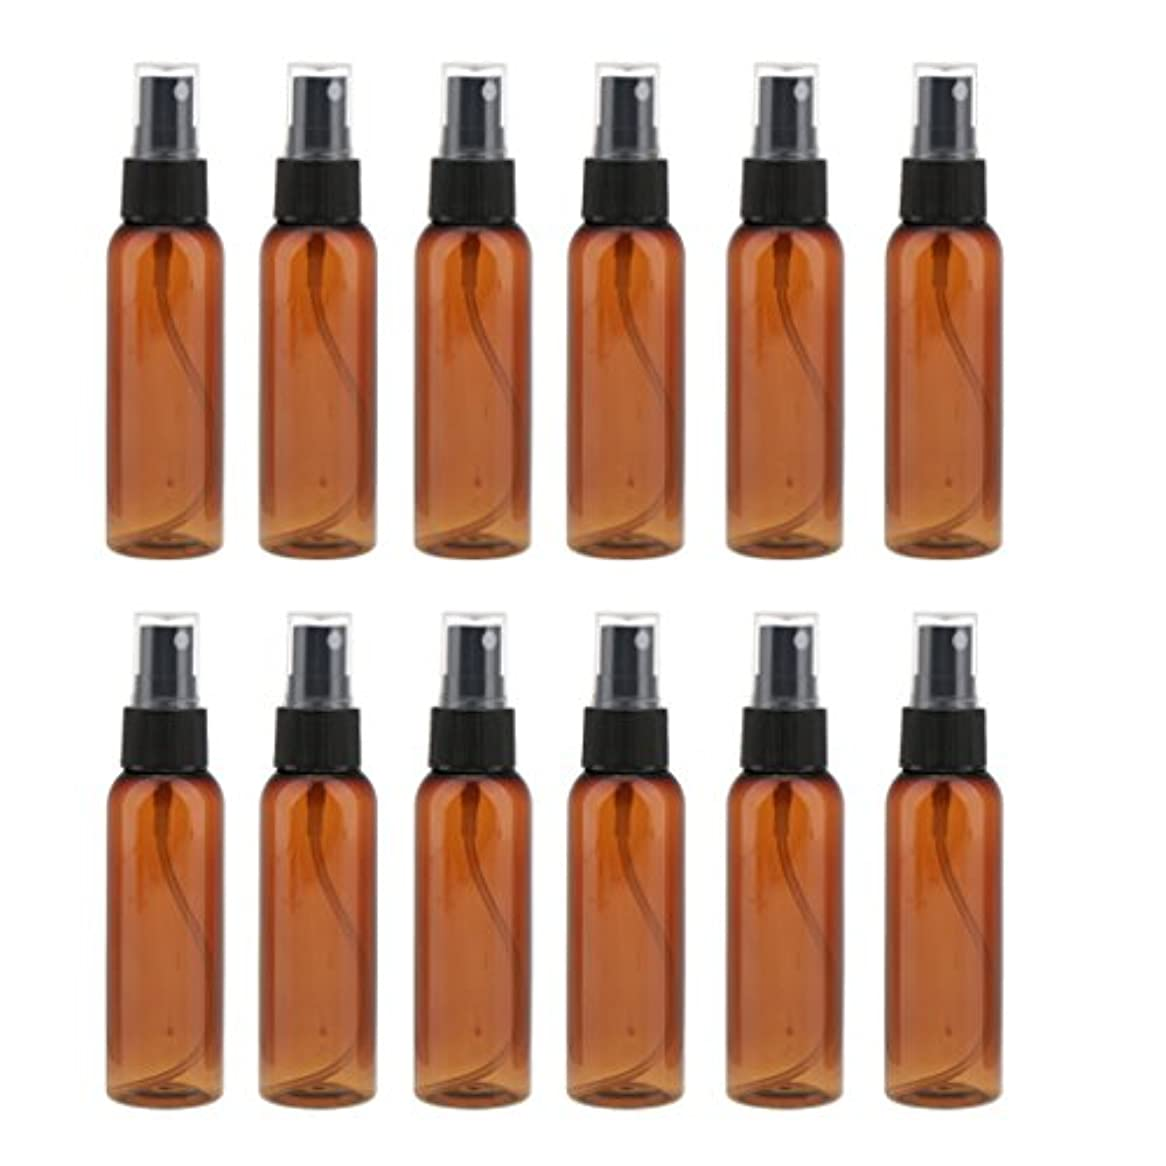 バドミントンマーチャンダイジンググラフィック12本の茶色のcomestic空のスプレーボトルの香水クリームアトマイザー60ml - ブラック